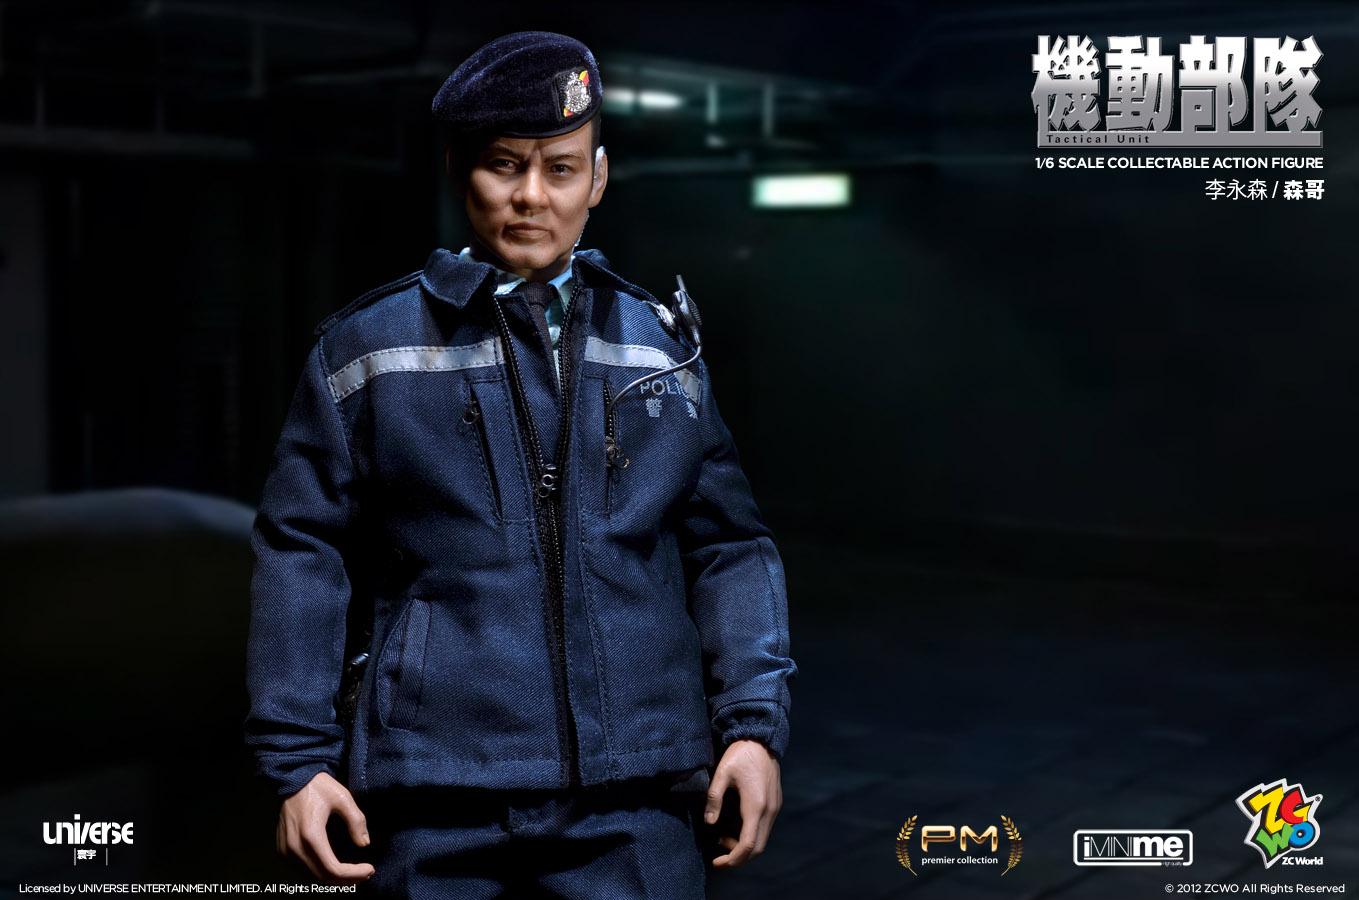 ZCWO - PTU TACTICAL UNIT- Sergeant SAM 131851qnf8afyfzu869nzy